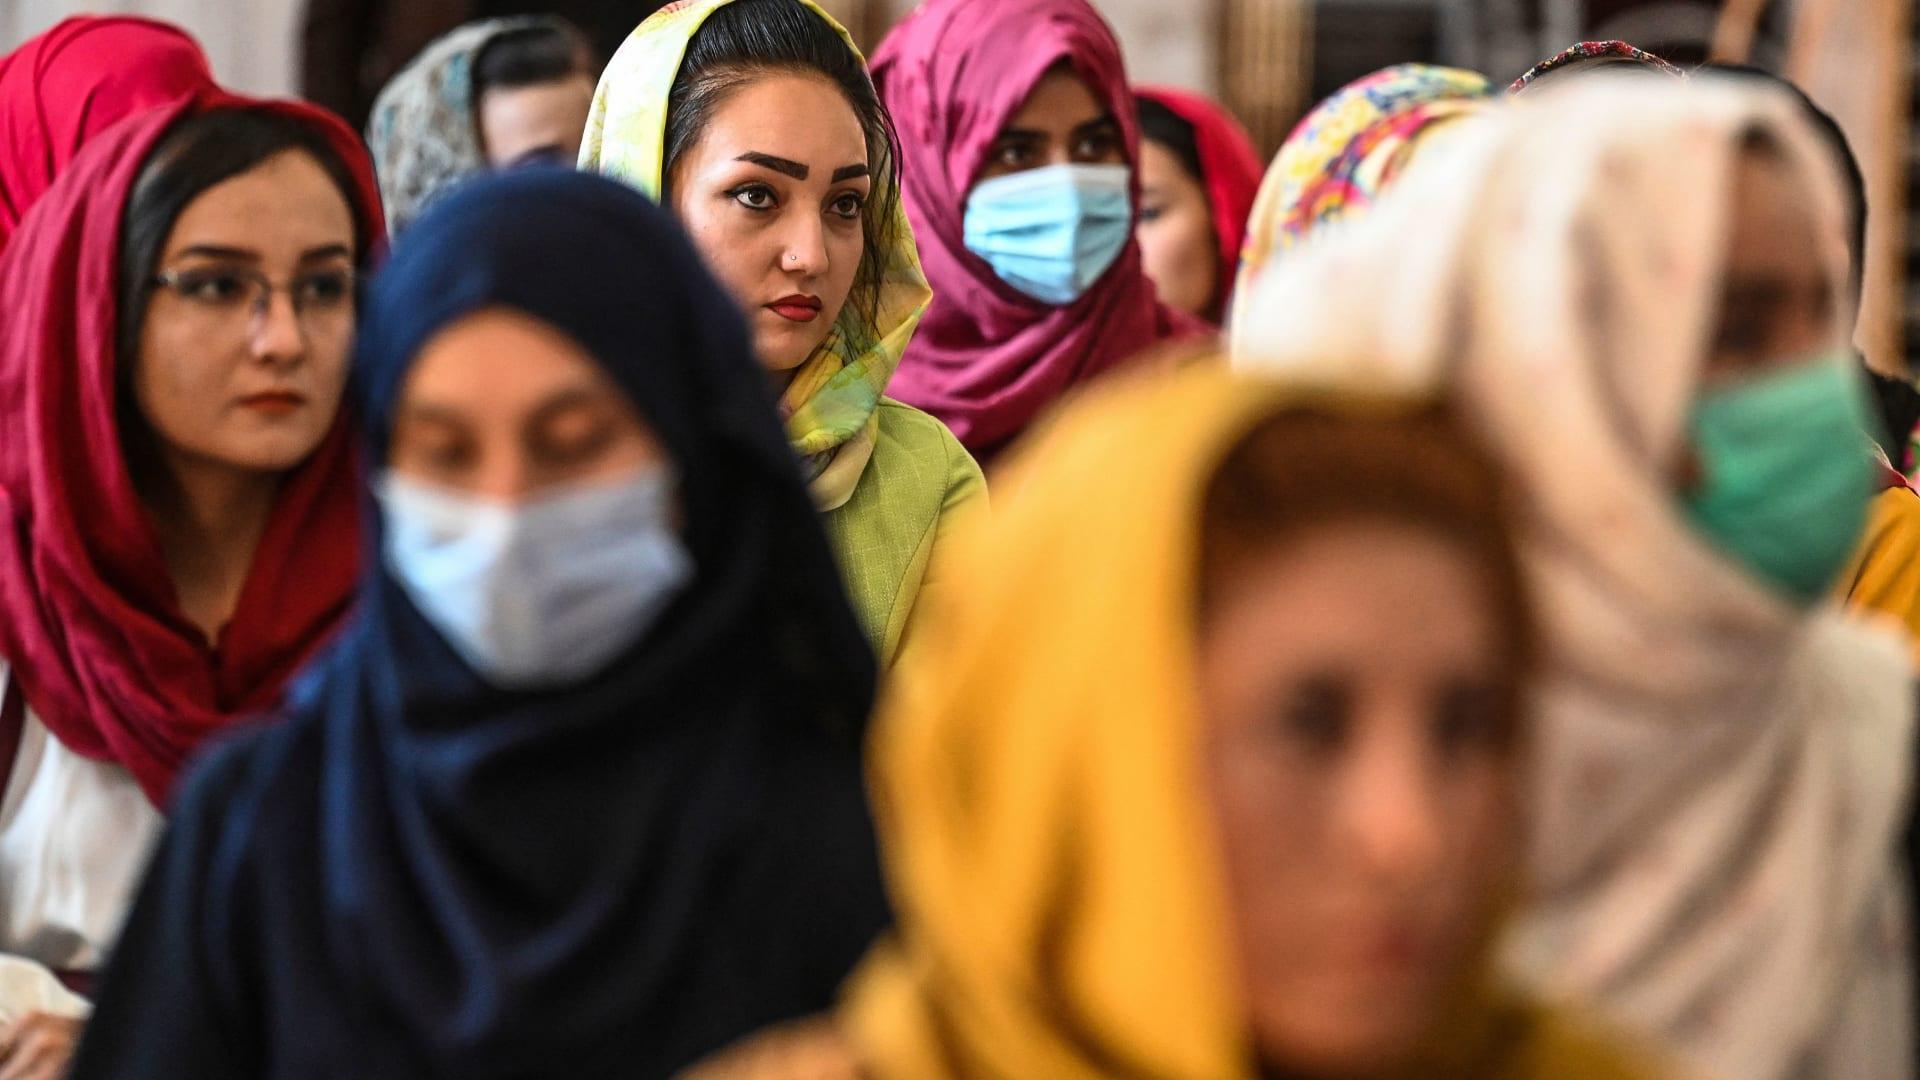 بعد سيطرة كاملة.. كيف يبدو المستقبل القريب للأفغان في ظل طالبان؟